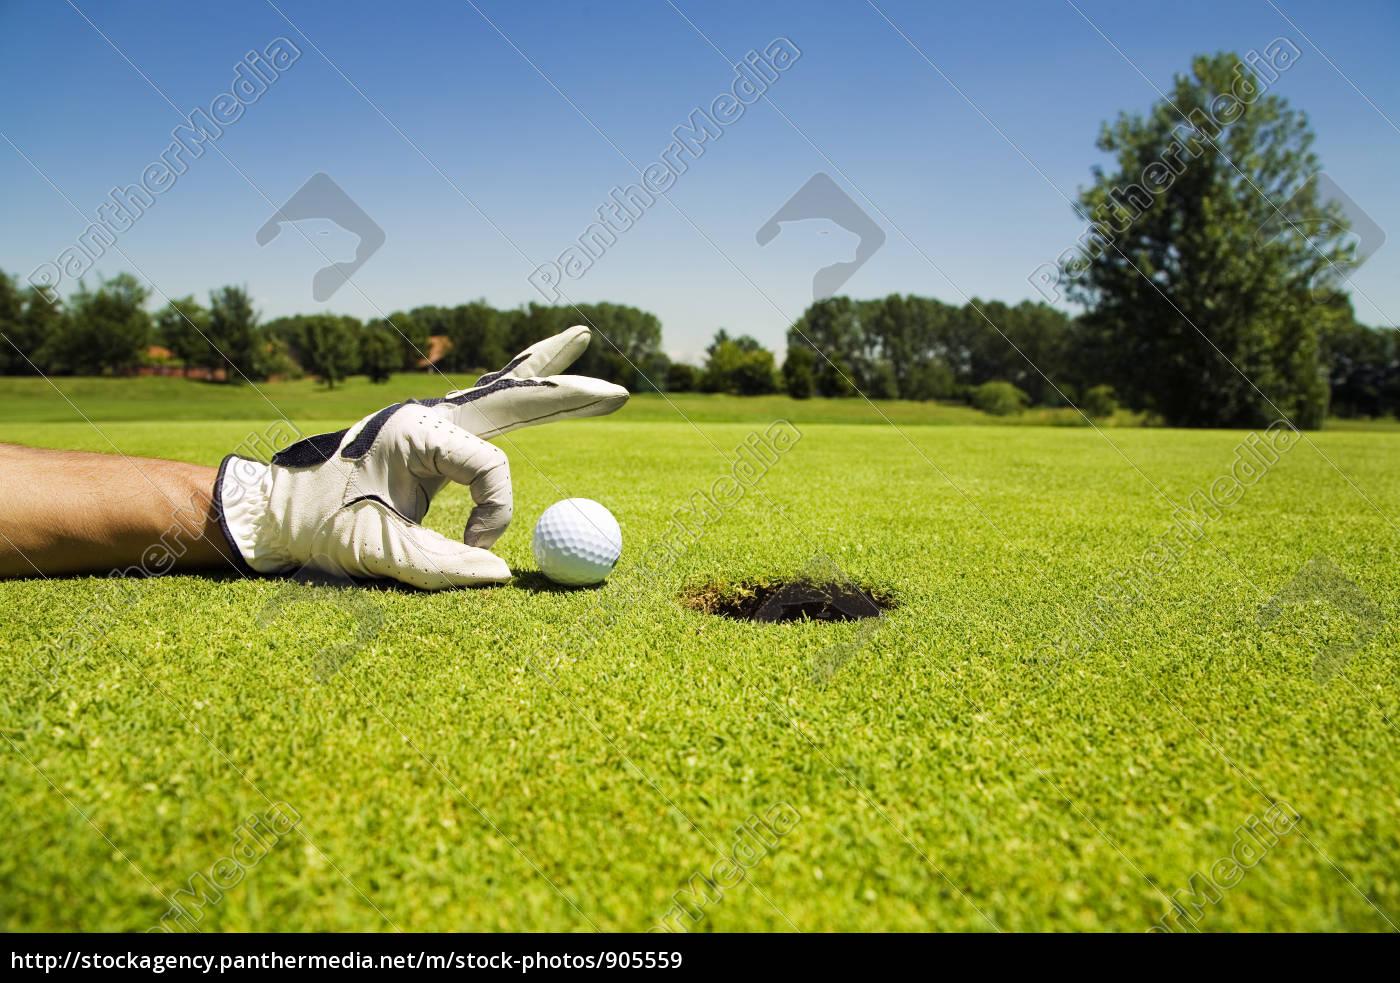 golf, club, - 905559